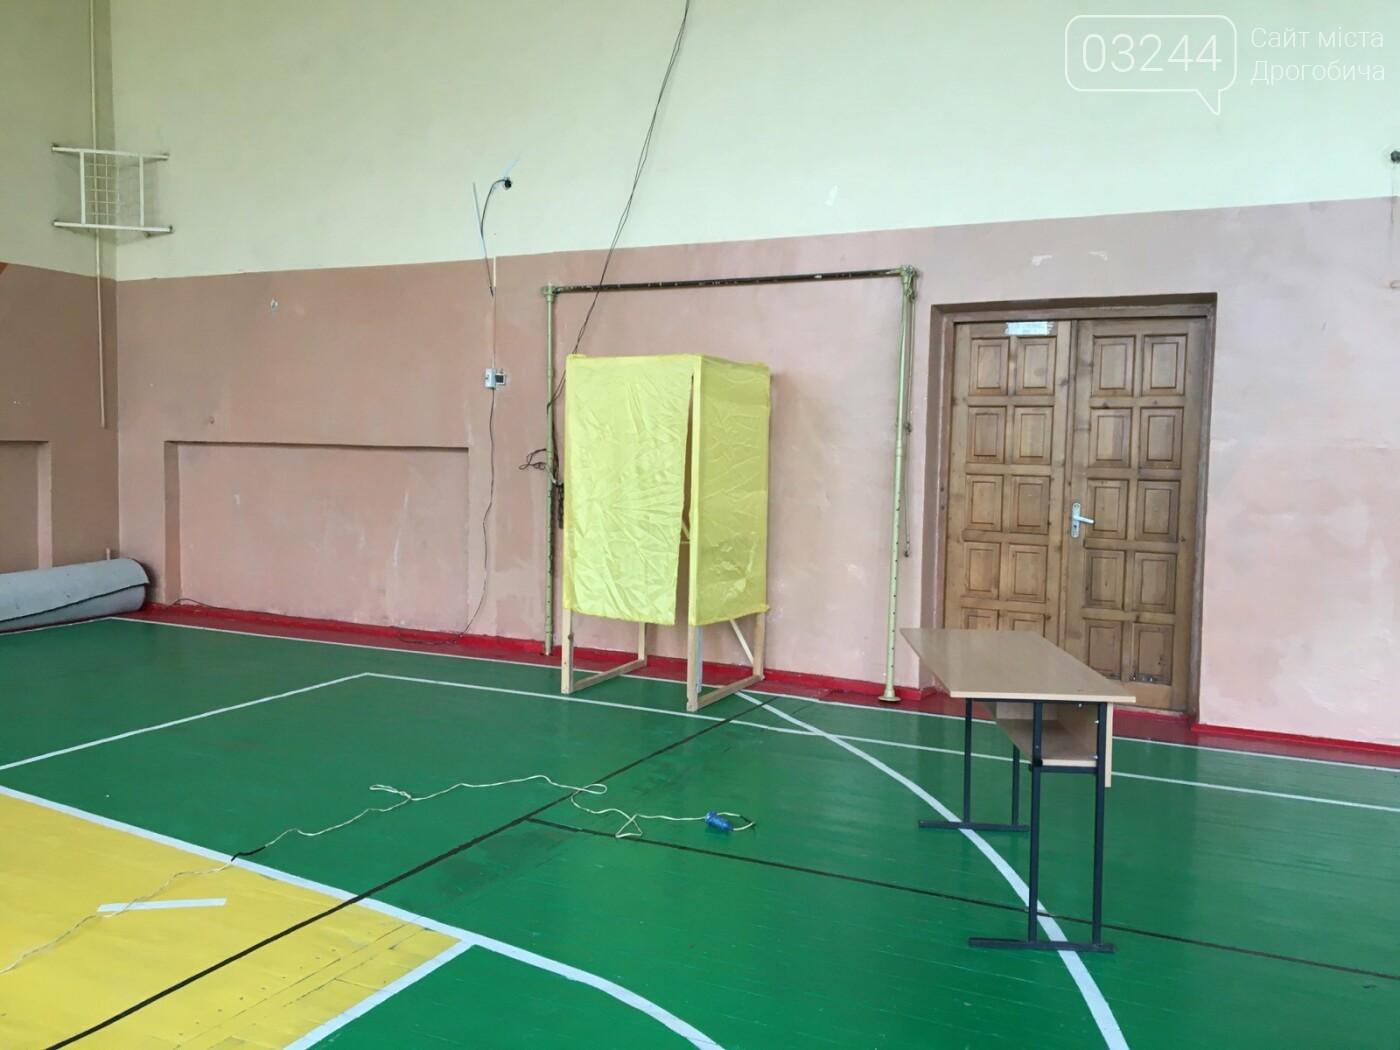 До виборів готові: на дільницях Дрогобича встановили кабінки та урни і завезли бюлетені, - ВІДЕО, ФОТО, фото-9